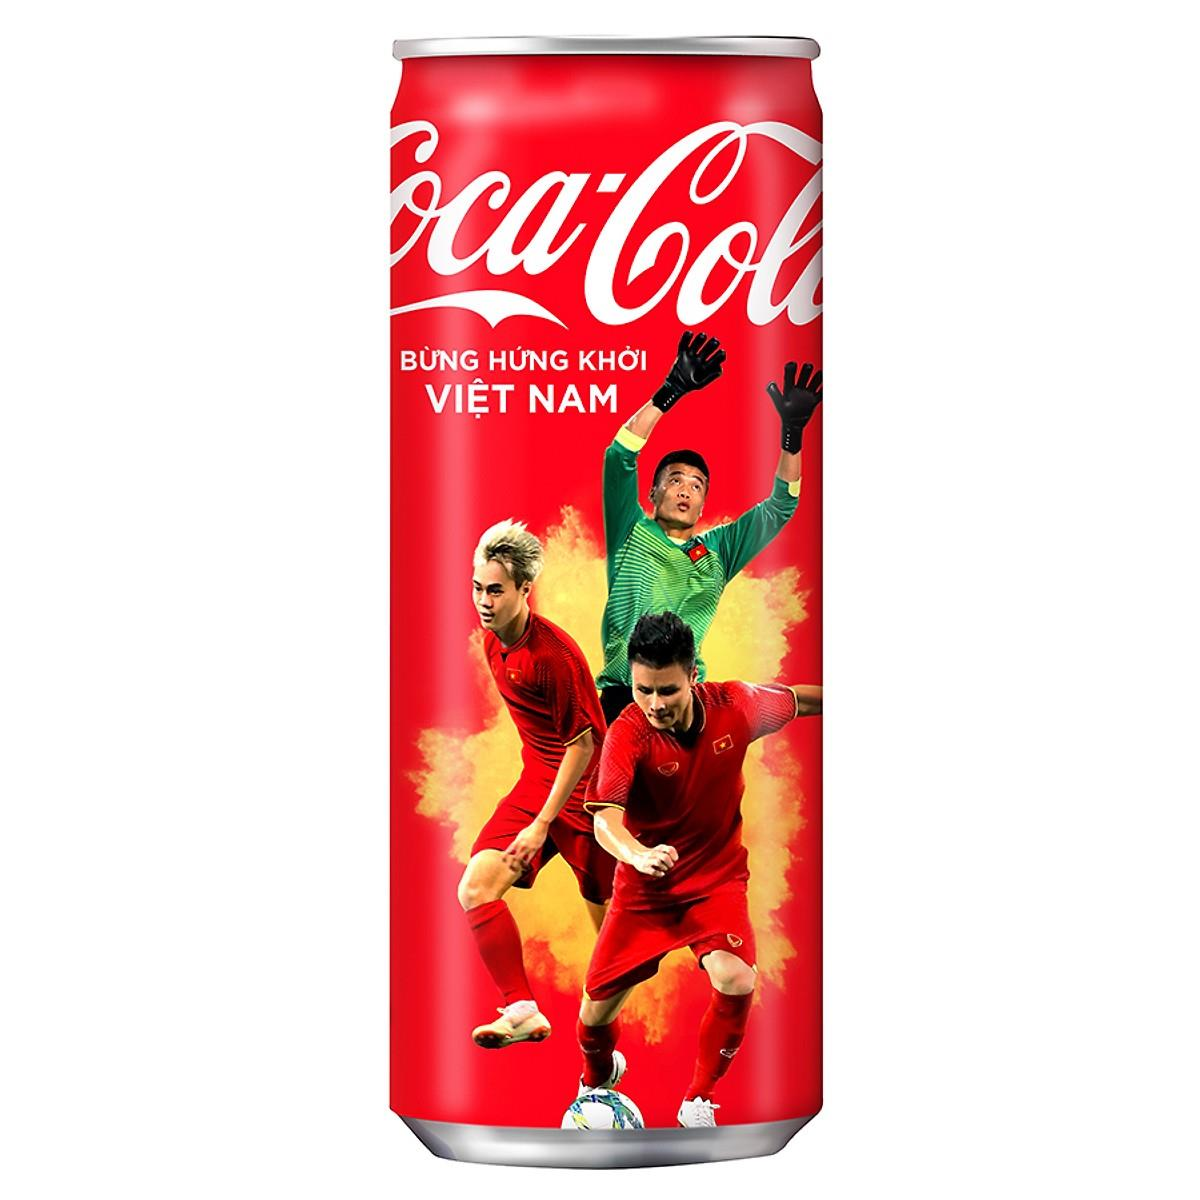 Trước thềm AFF Suzuki Cup, các cầu thủ vàng càng được tiếp thêm hứng khởi nhờ item siêu hot này! - Ảnh 5.